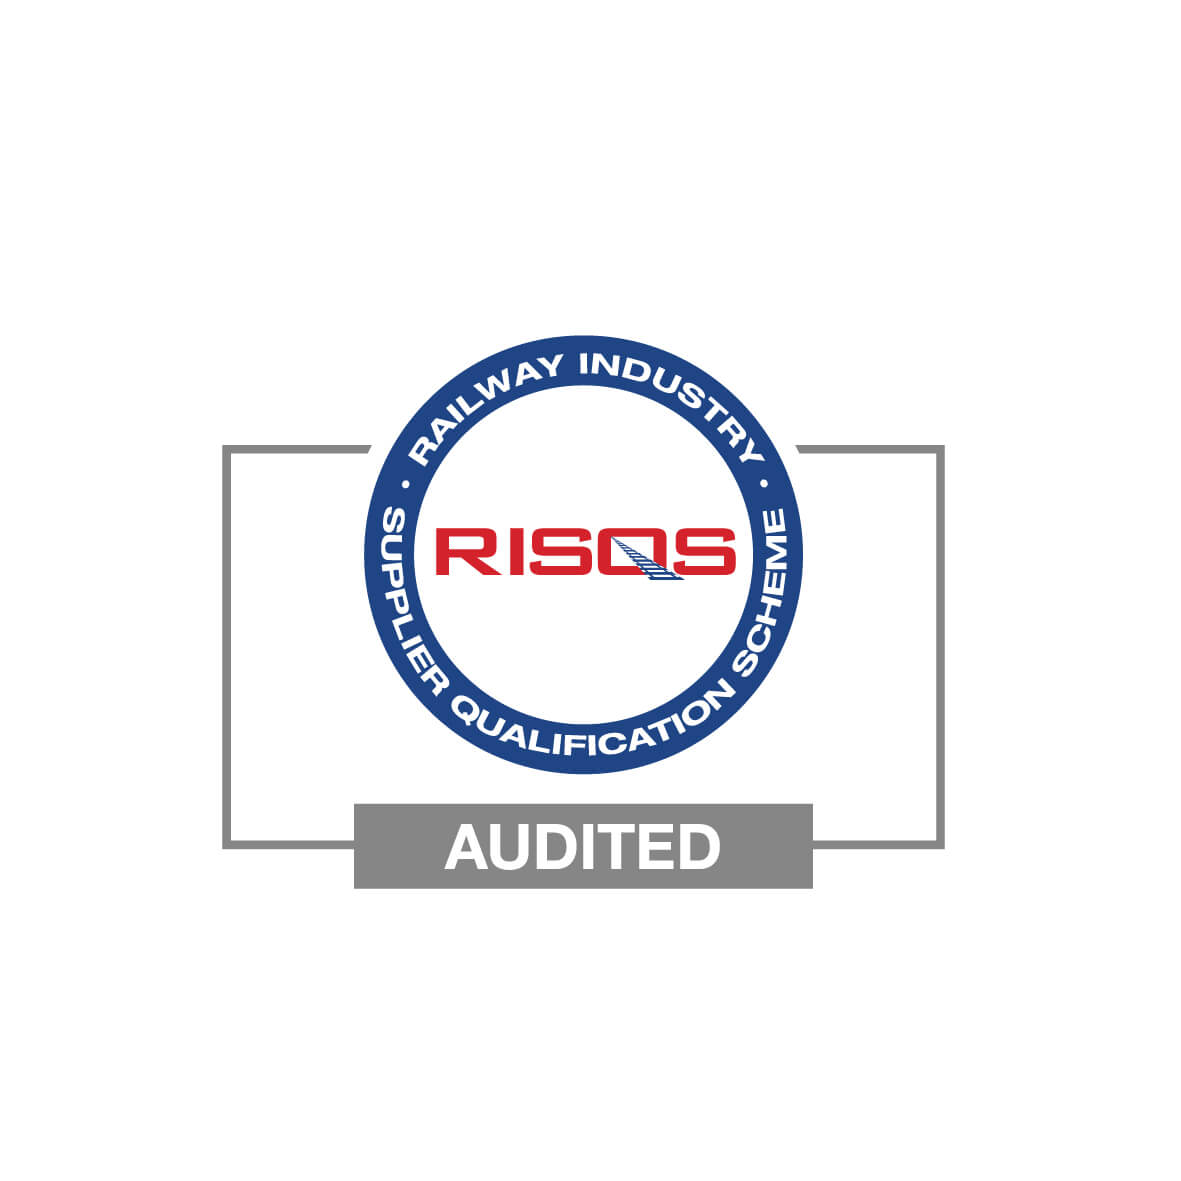 Socomec RISQ Audited Supplier